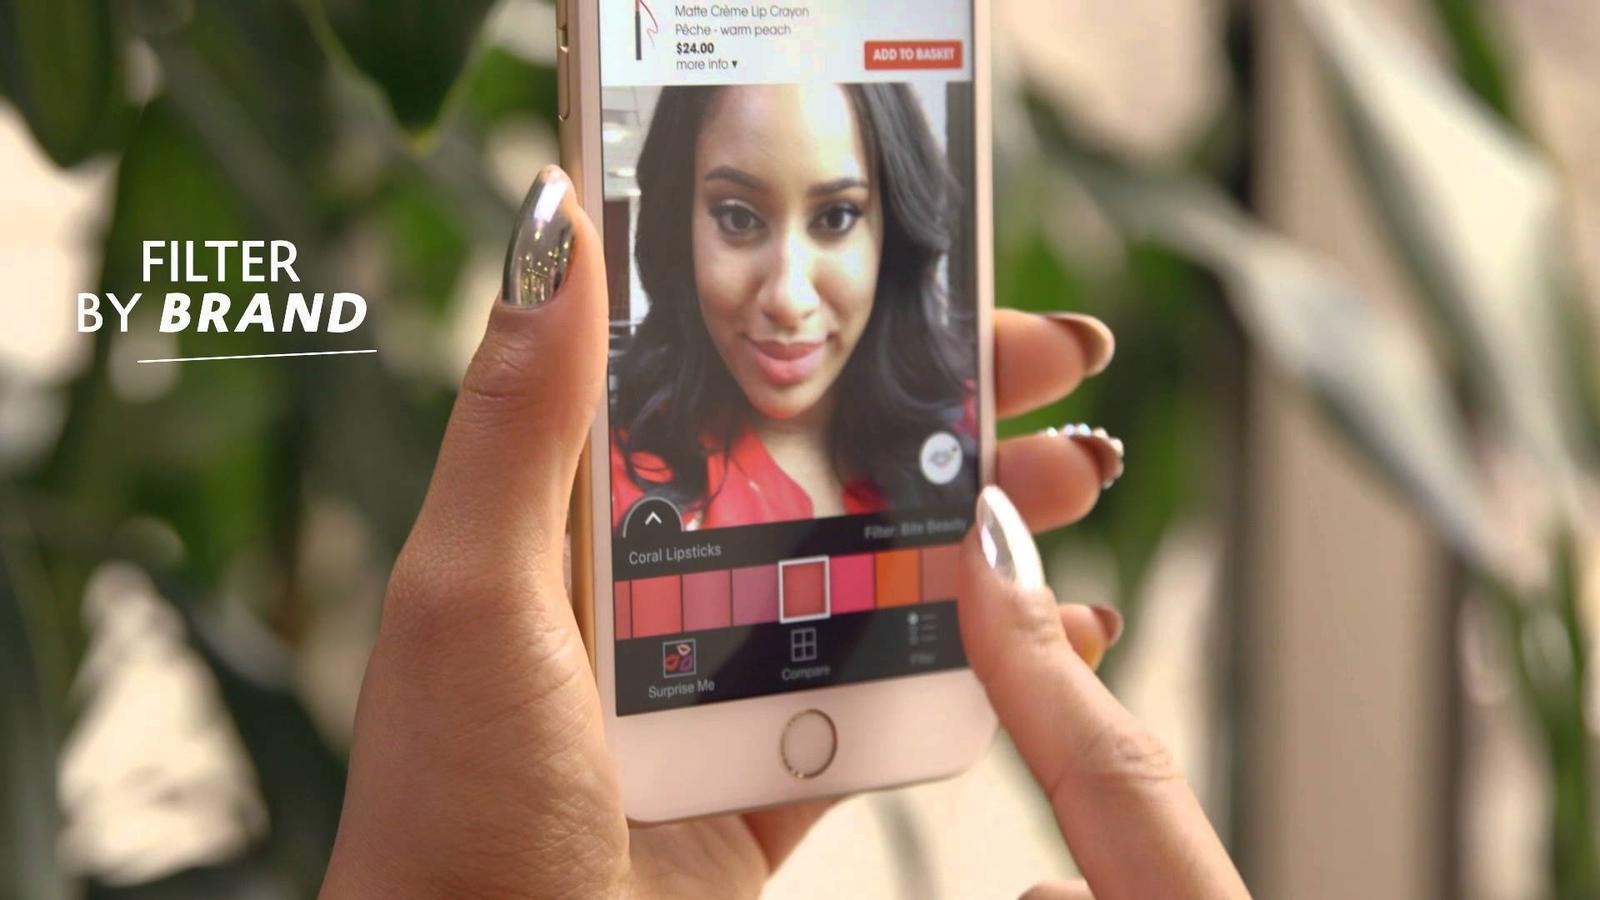 L'aplicació de realitat augmentada de Sephora